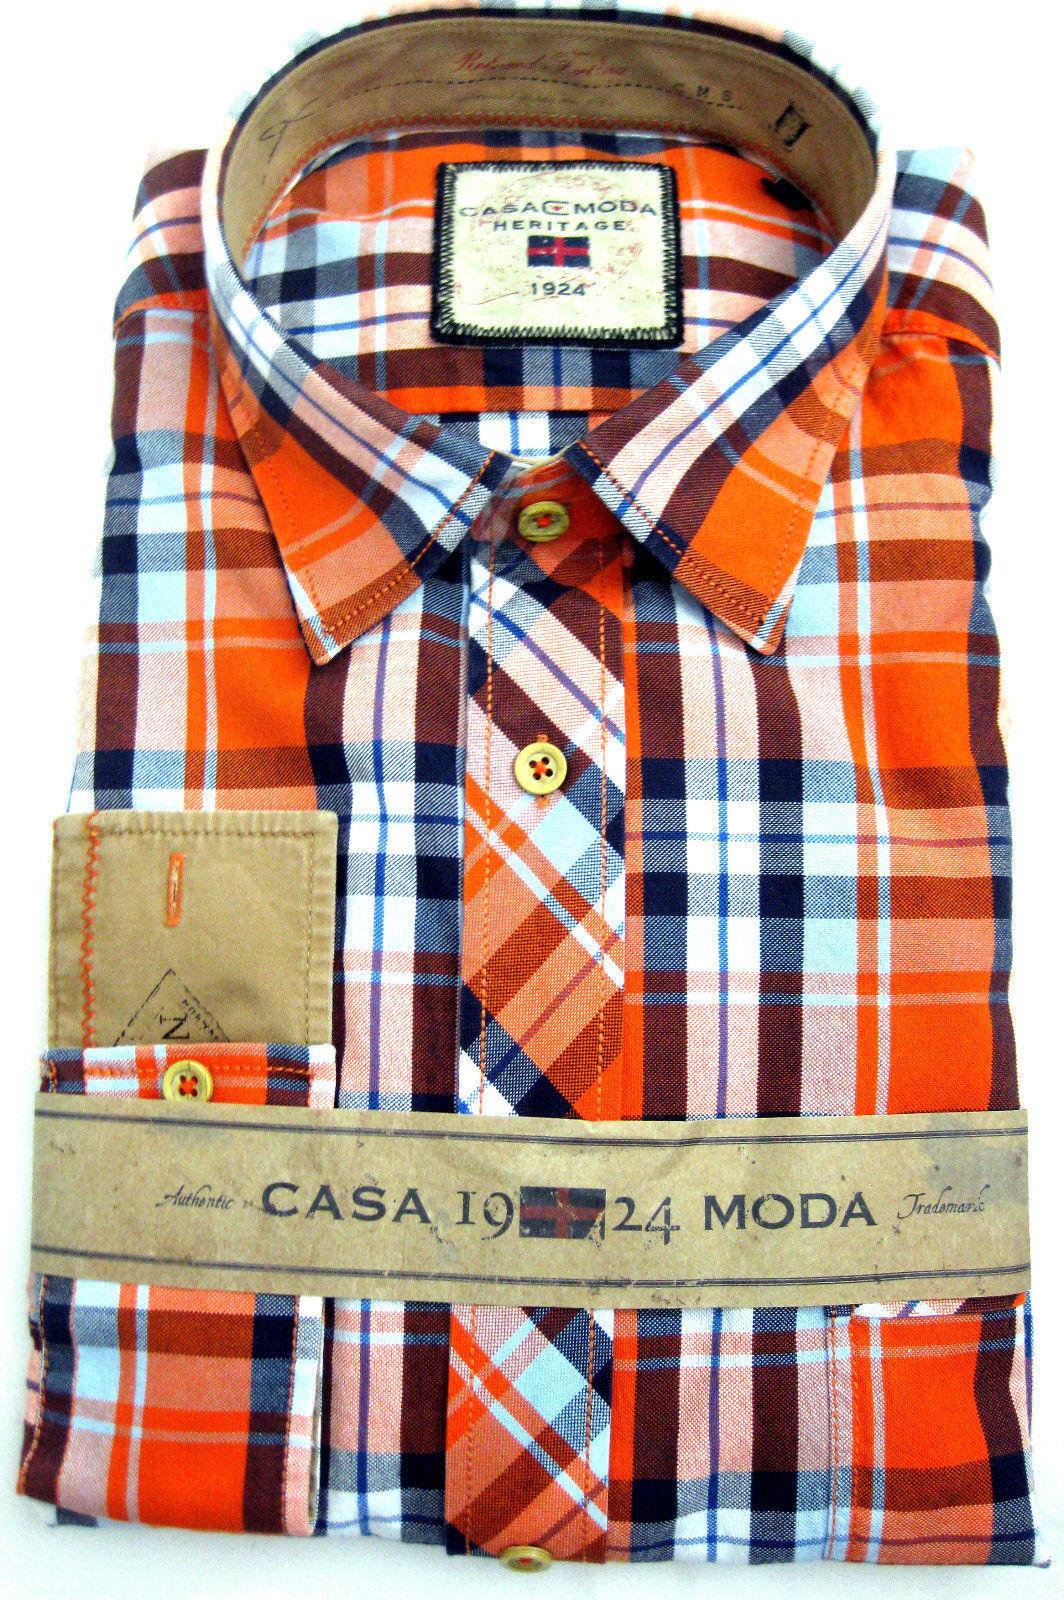 Casa Moda Heritage Camicia Oxford a Quadri Tempo Tempo Tempo Libero Camicia ARANCIONE MANICA LUNGA L, XXL 80fed6